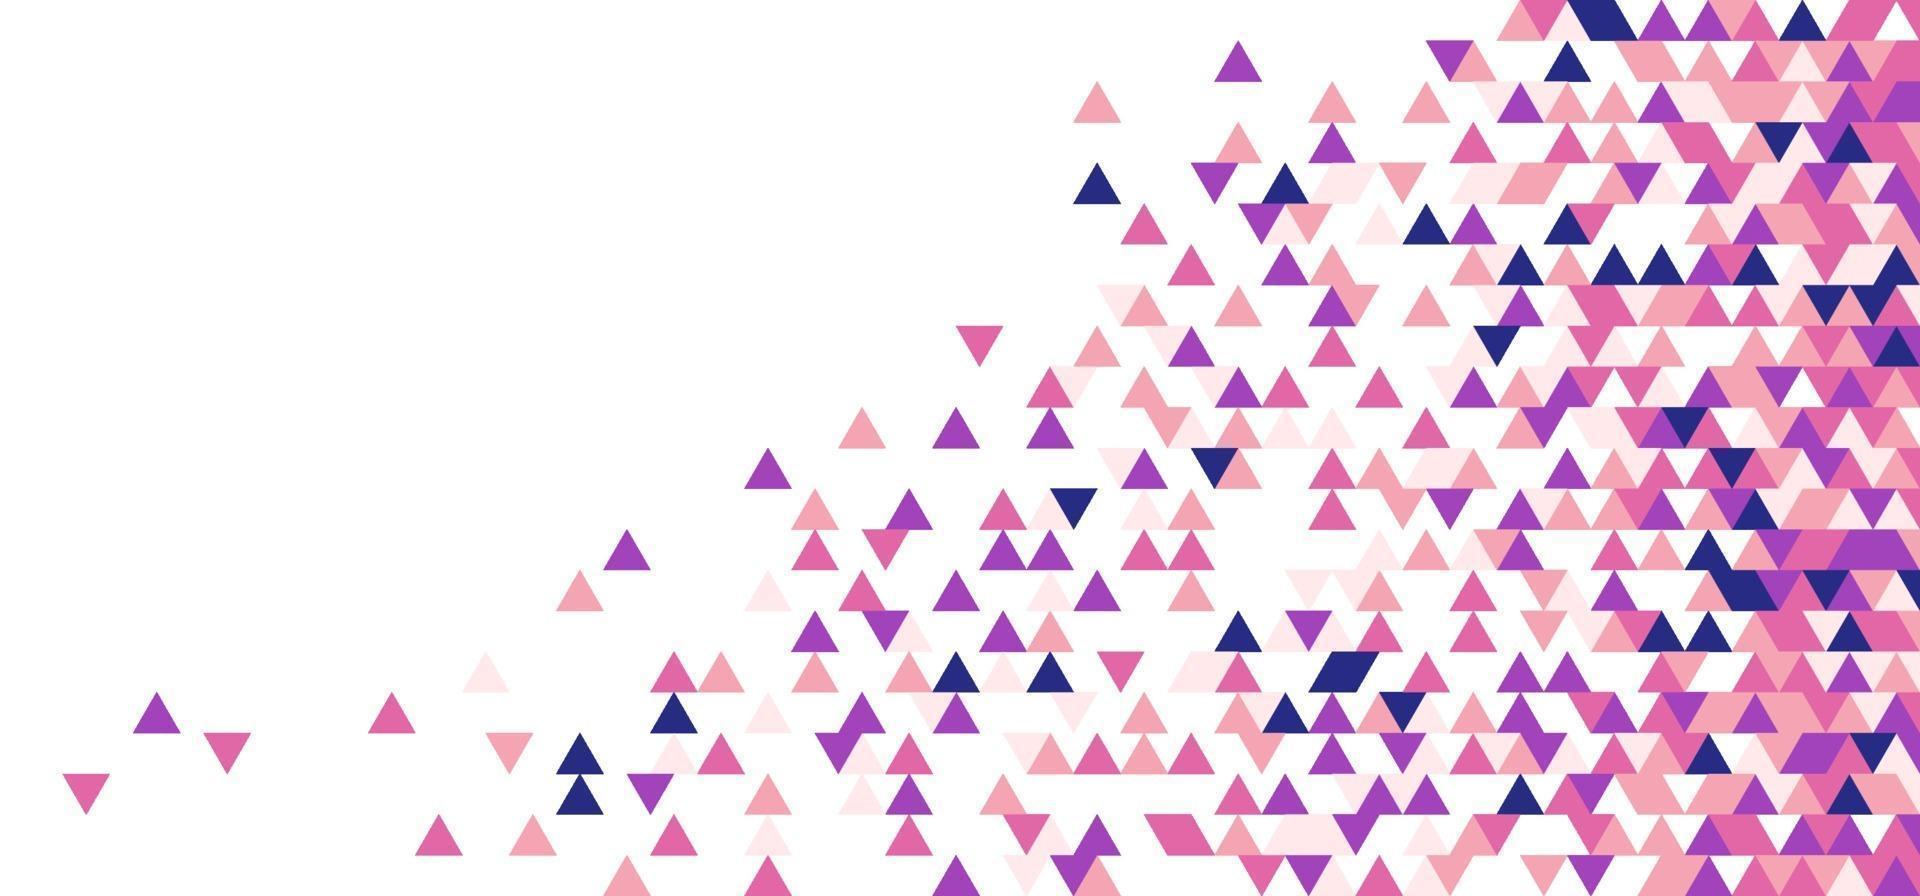 abstrakt rosa, lila, blå geometriska trianglar formar mosaikmönster på vit bakgrund vektor